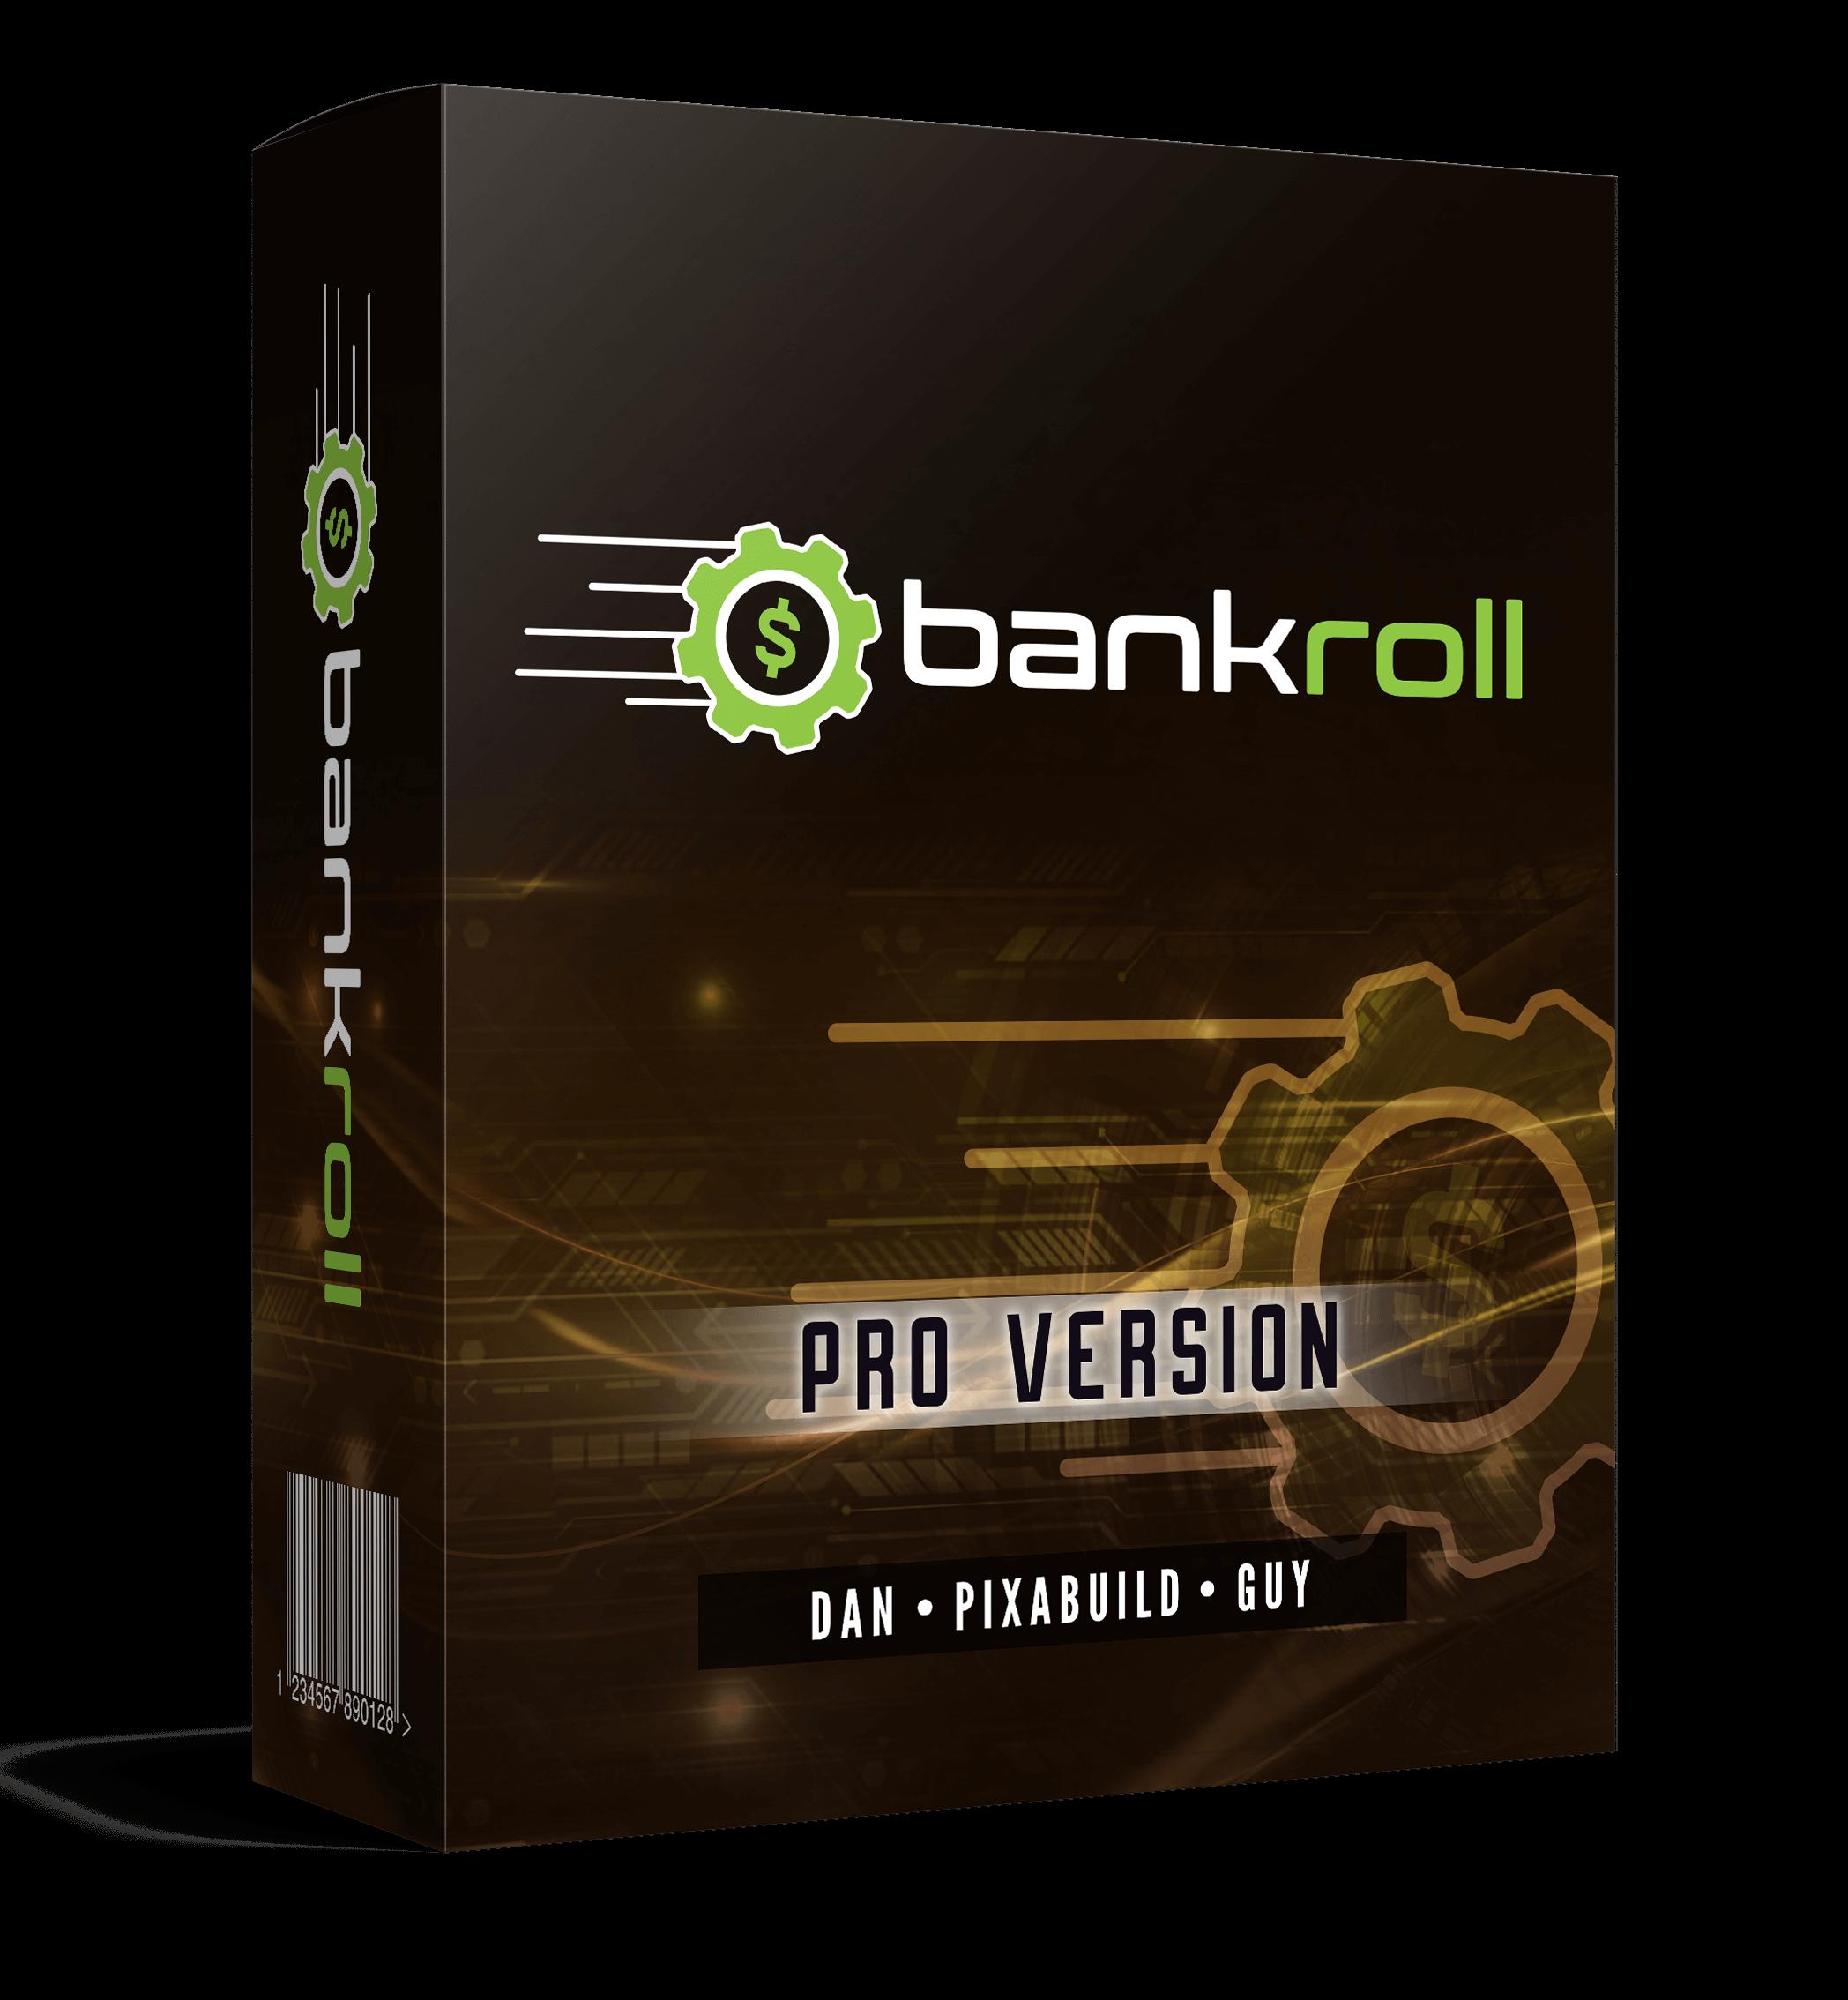 Bankroll-Review-OTO1